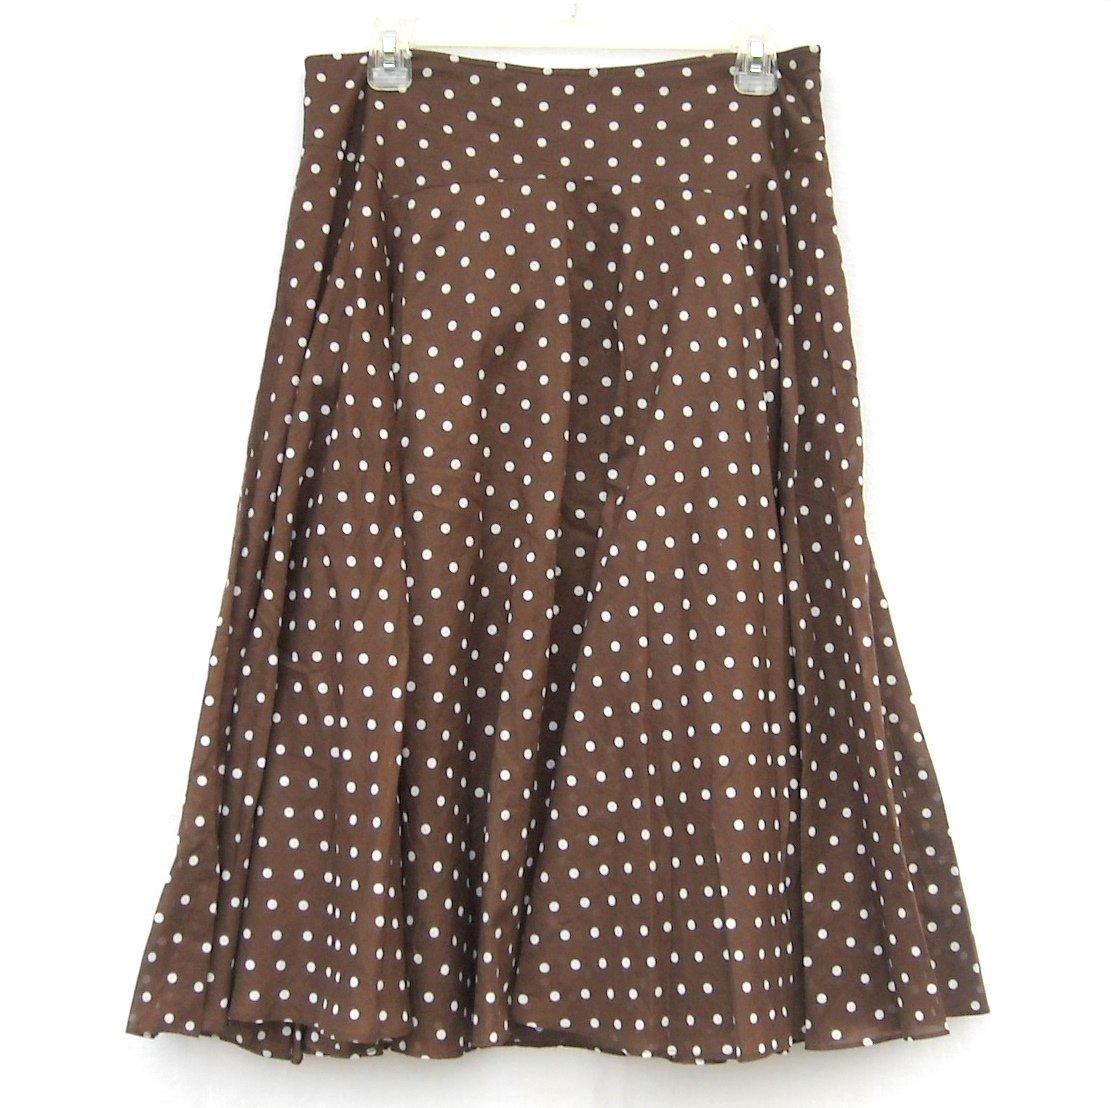 Jones New York Signature Womens Skirt Size 8